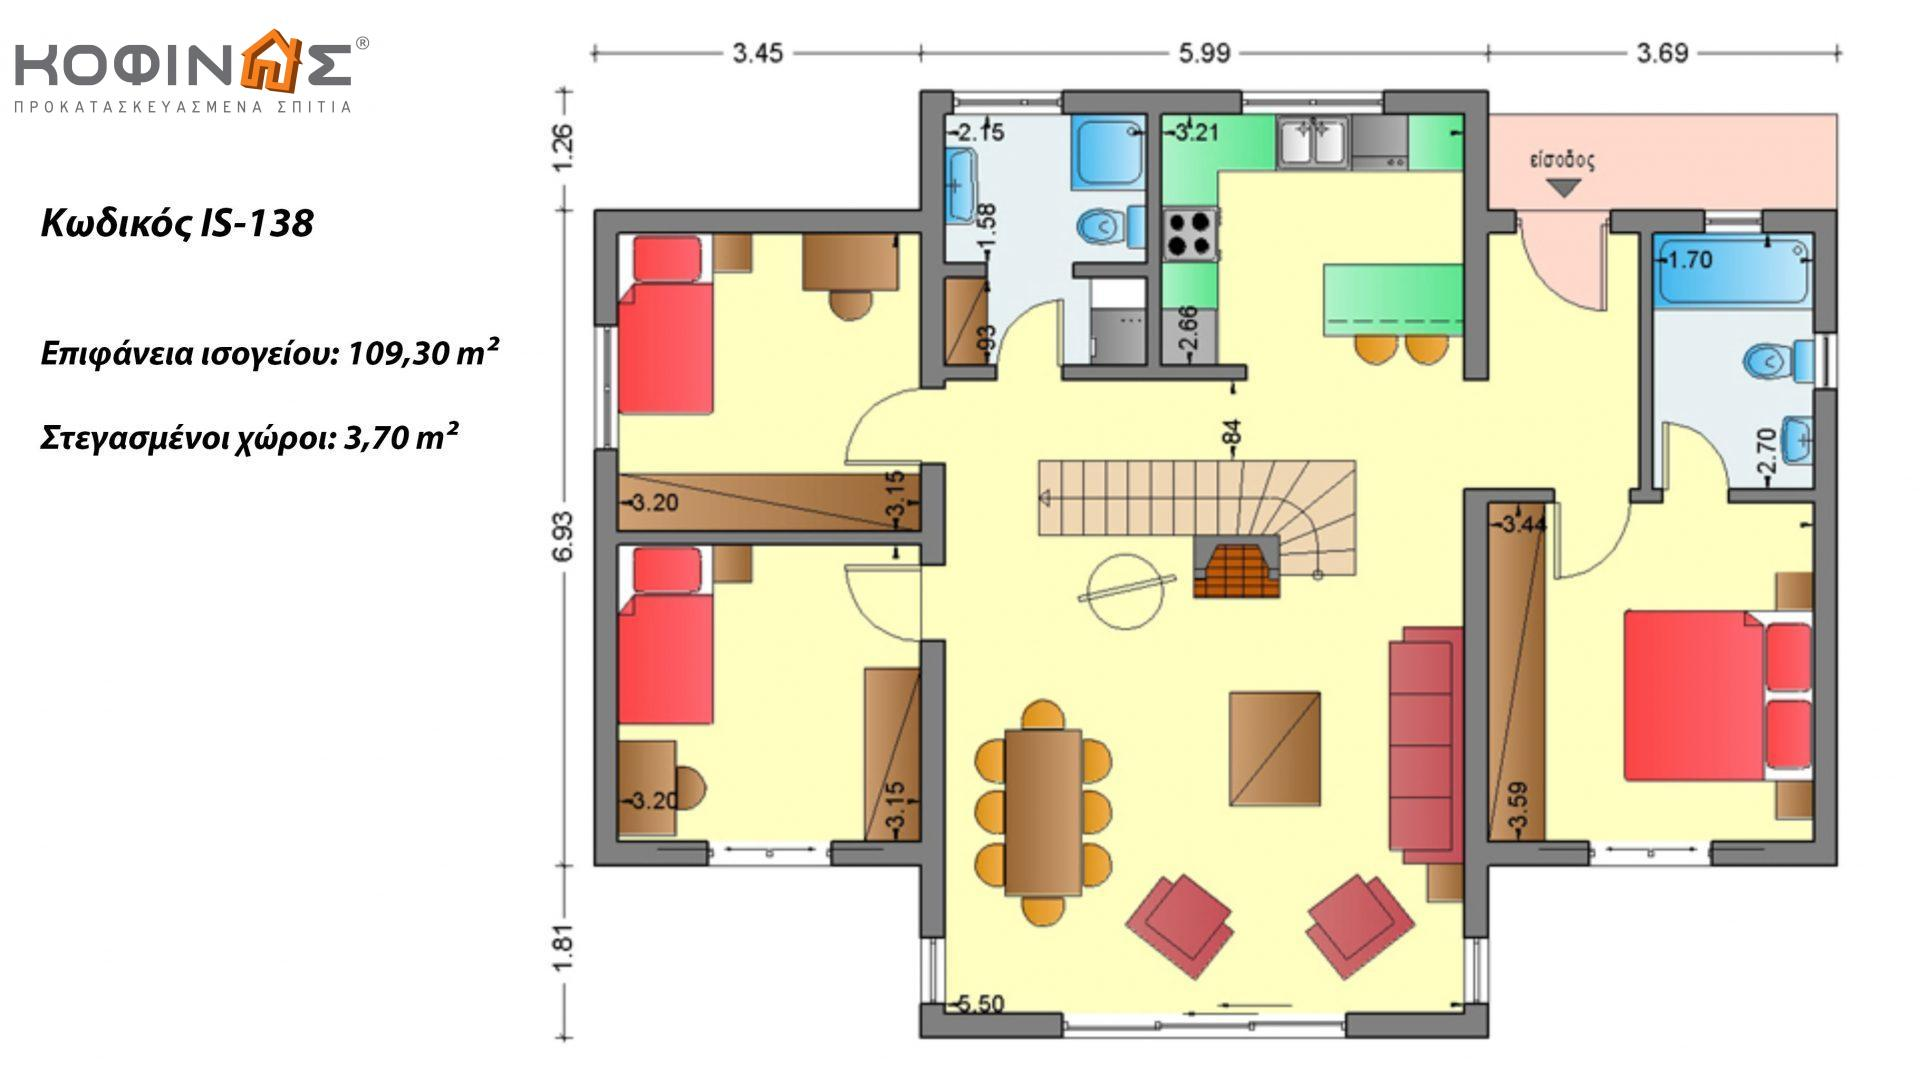 Ισόγεια Κατοικία με Σοφίτα IS-138, συνολικής επιφάνειας 138,30 τ.μ. ,συνολική επιφάνεια στεγασμένων χώρων 3,70 τ.μ.